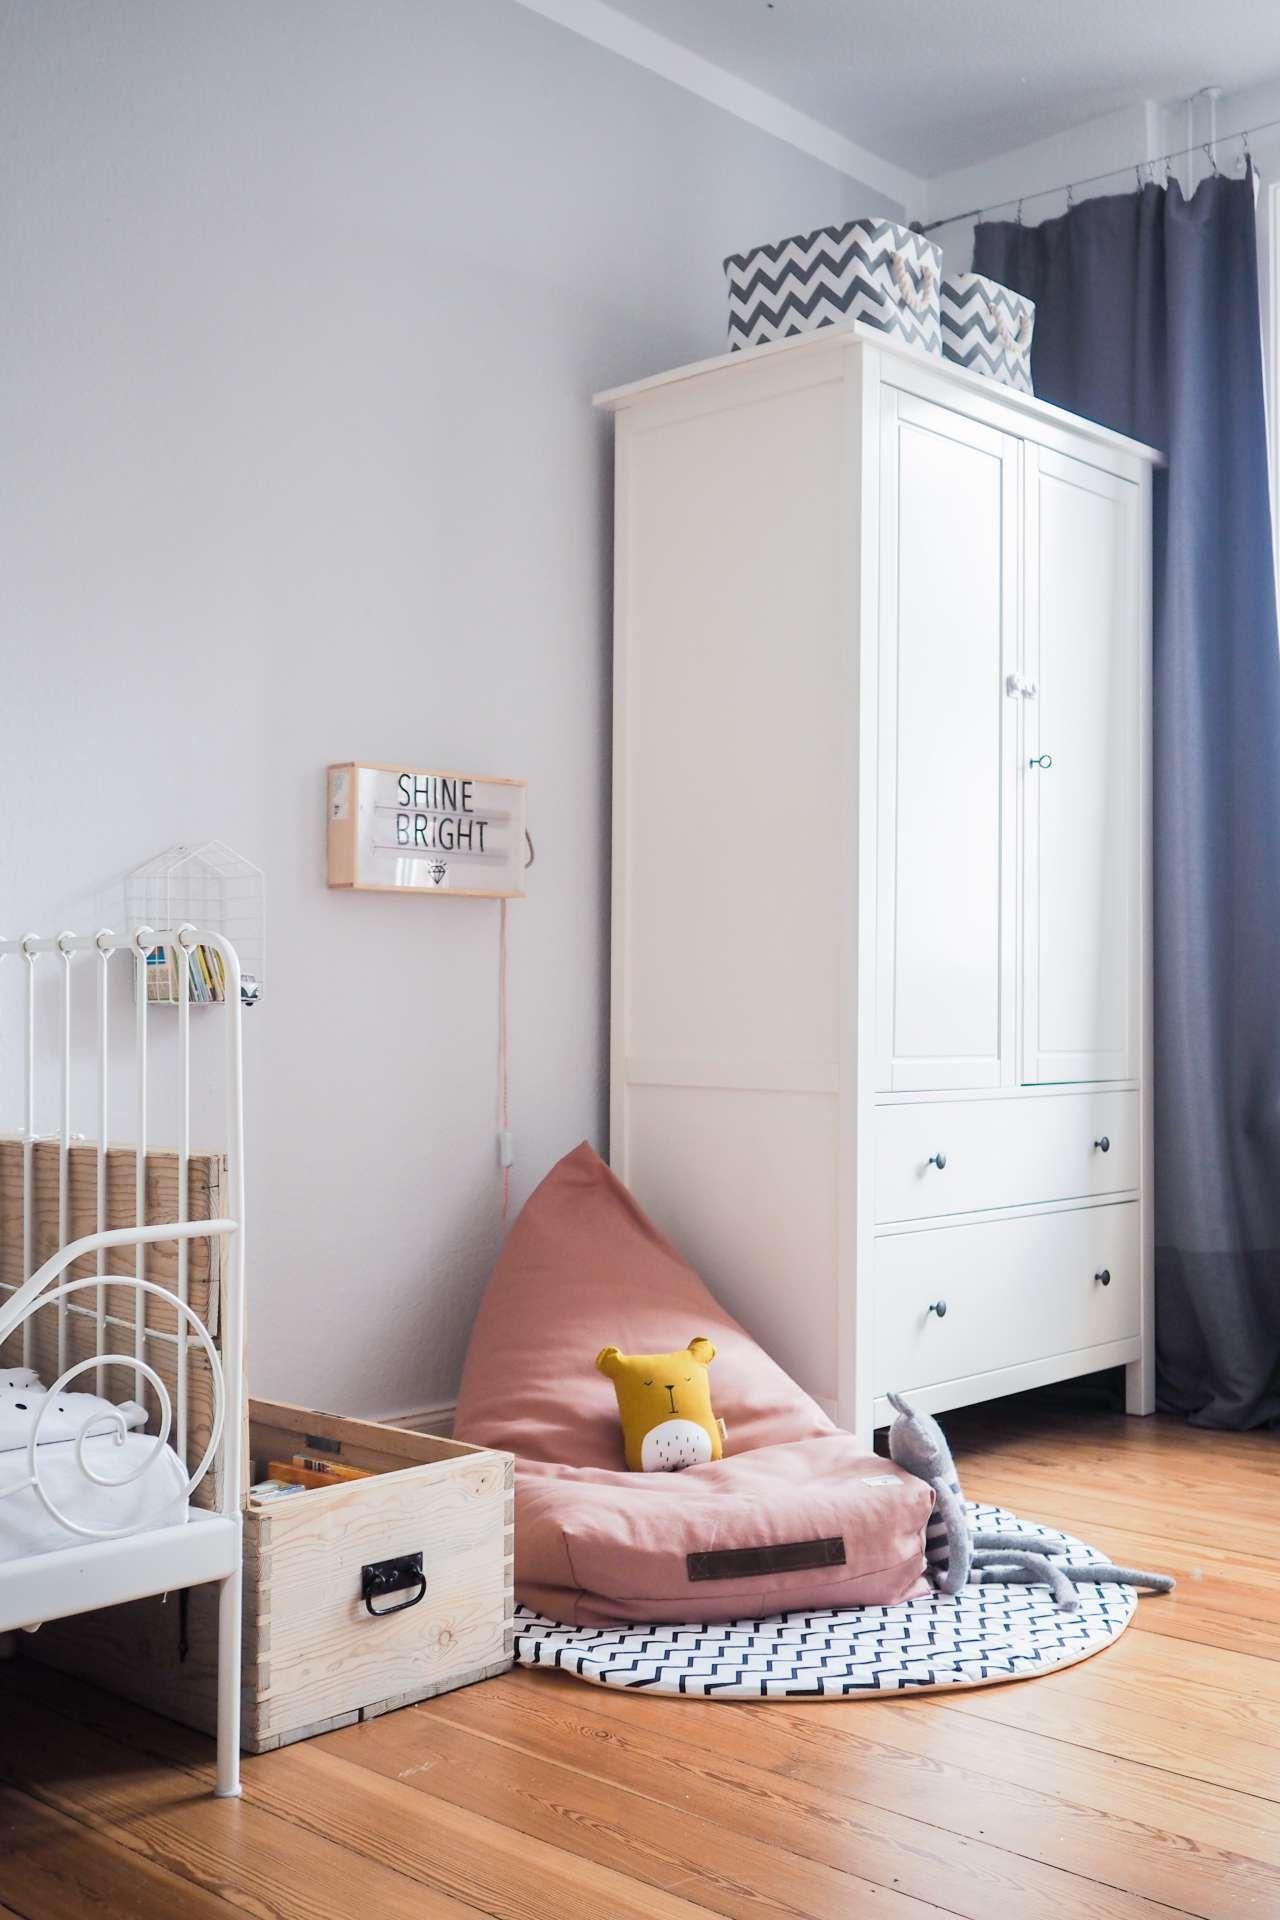 unser zuhause: die neue leseecke im kinderzimmer | kuschelecke, Schlafzimmer entwurf